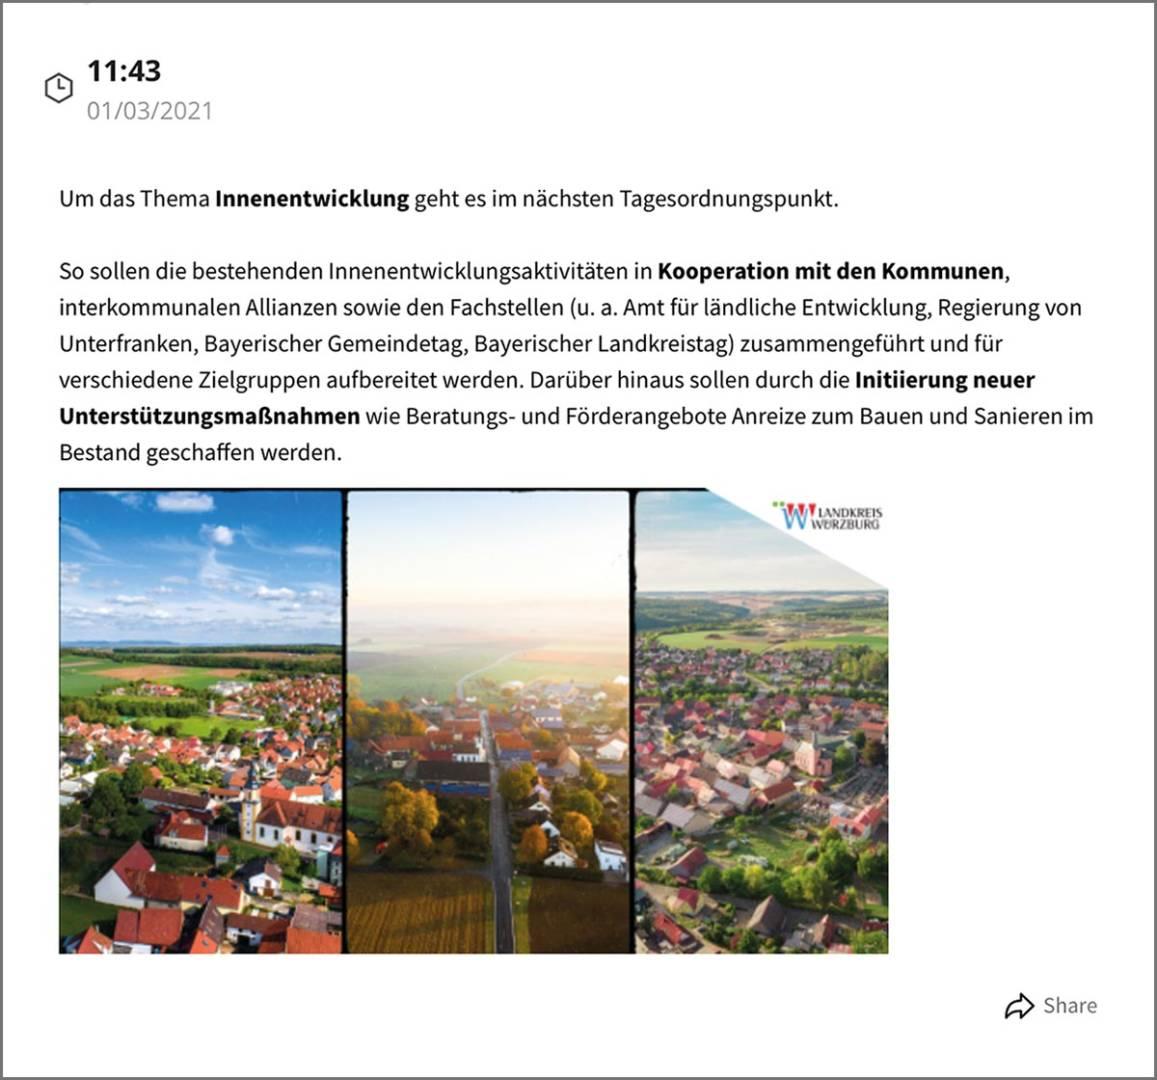 Mit dem Kommunen-Live-Blog berichtet das Landratsamt Würzburg regelmäßig über Kreistagssitzungen in der Region.